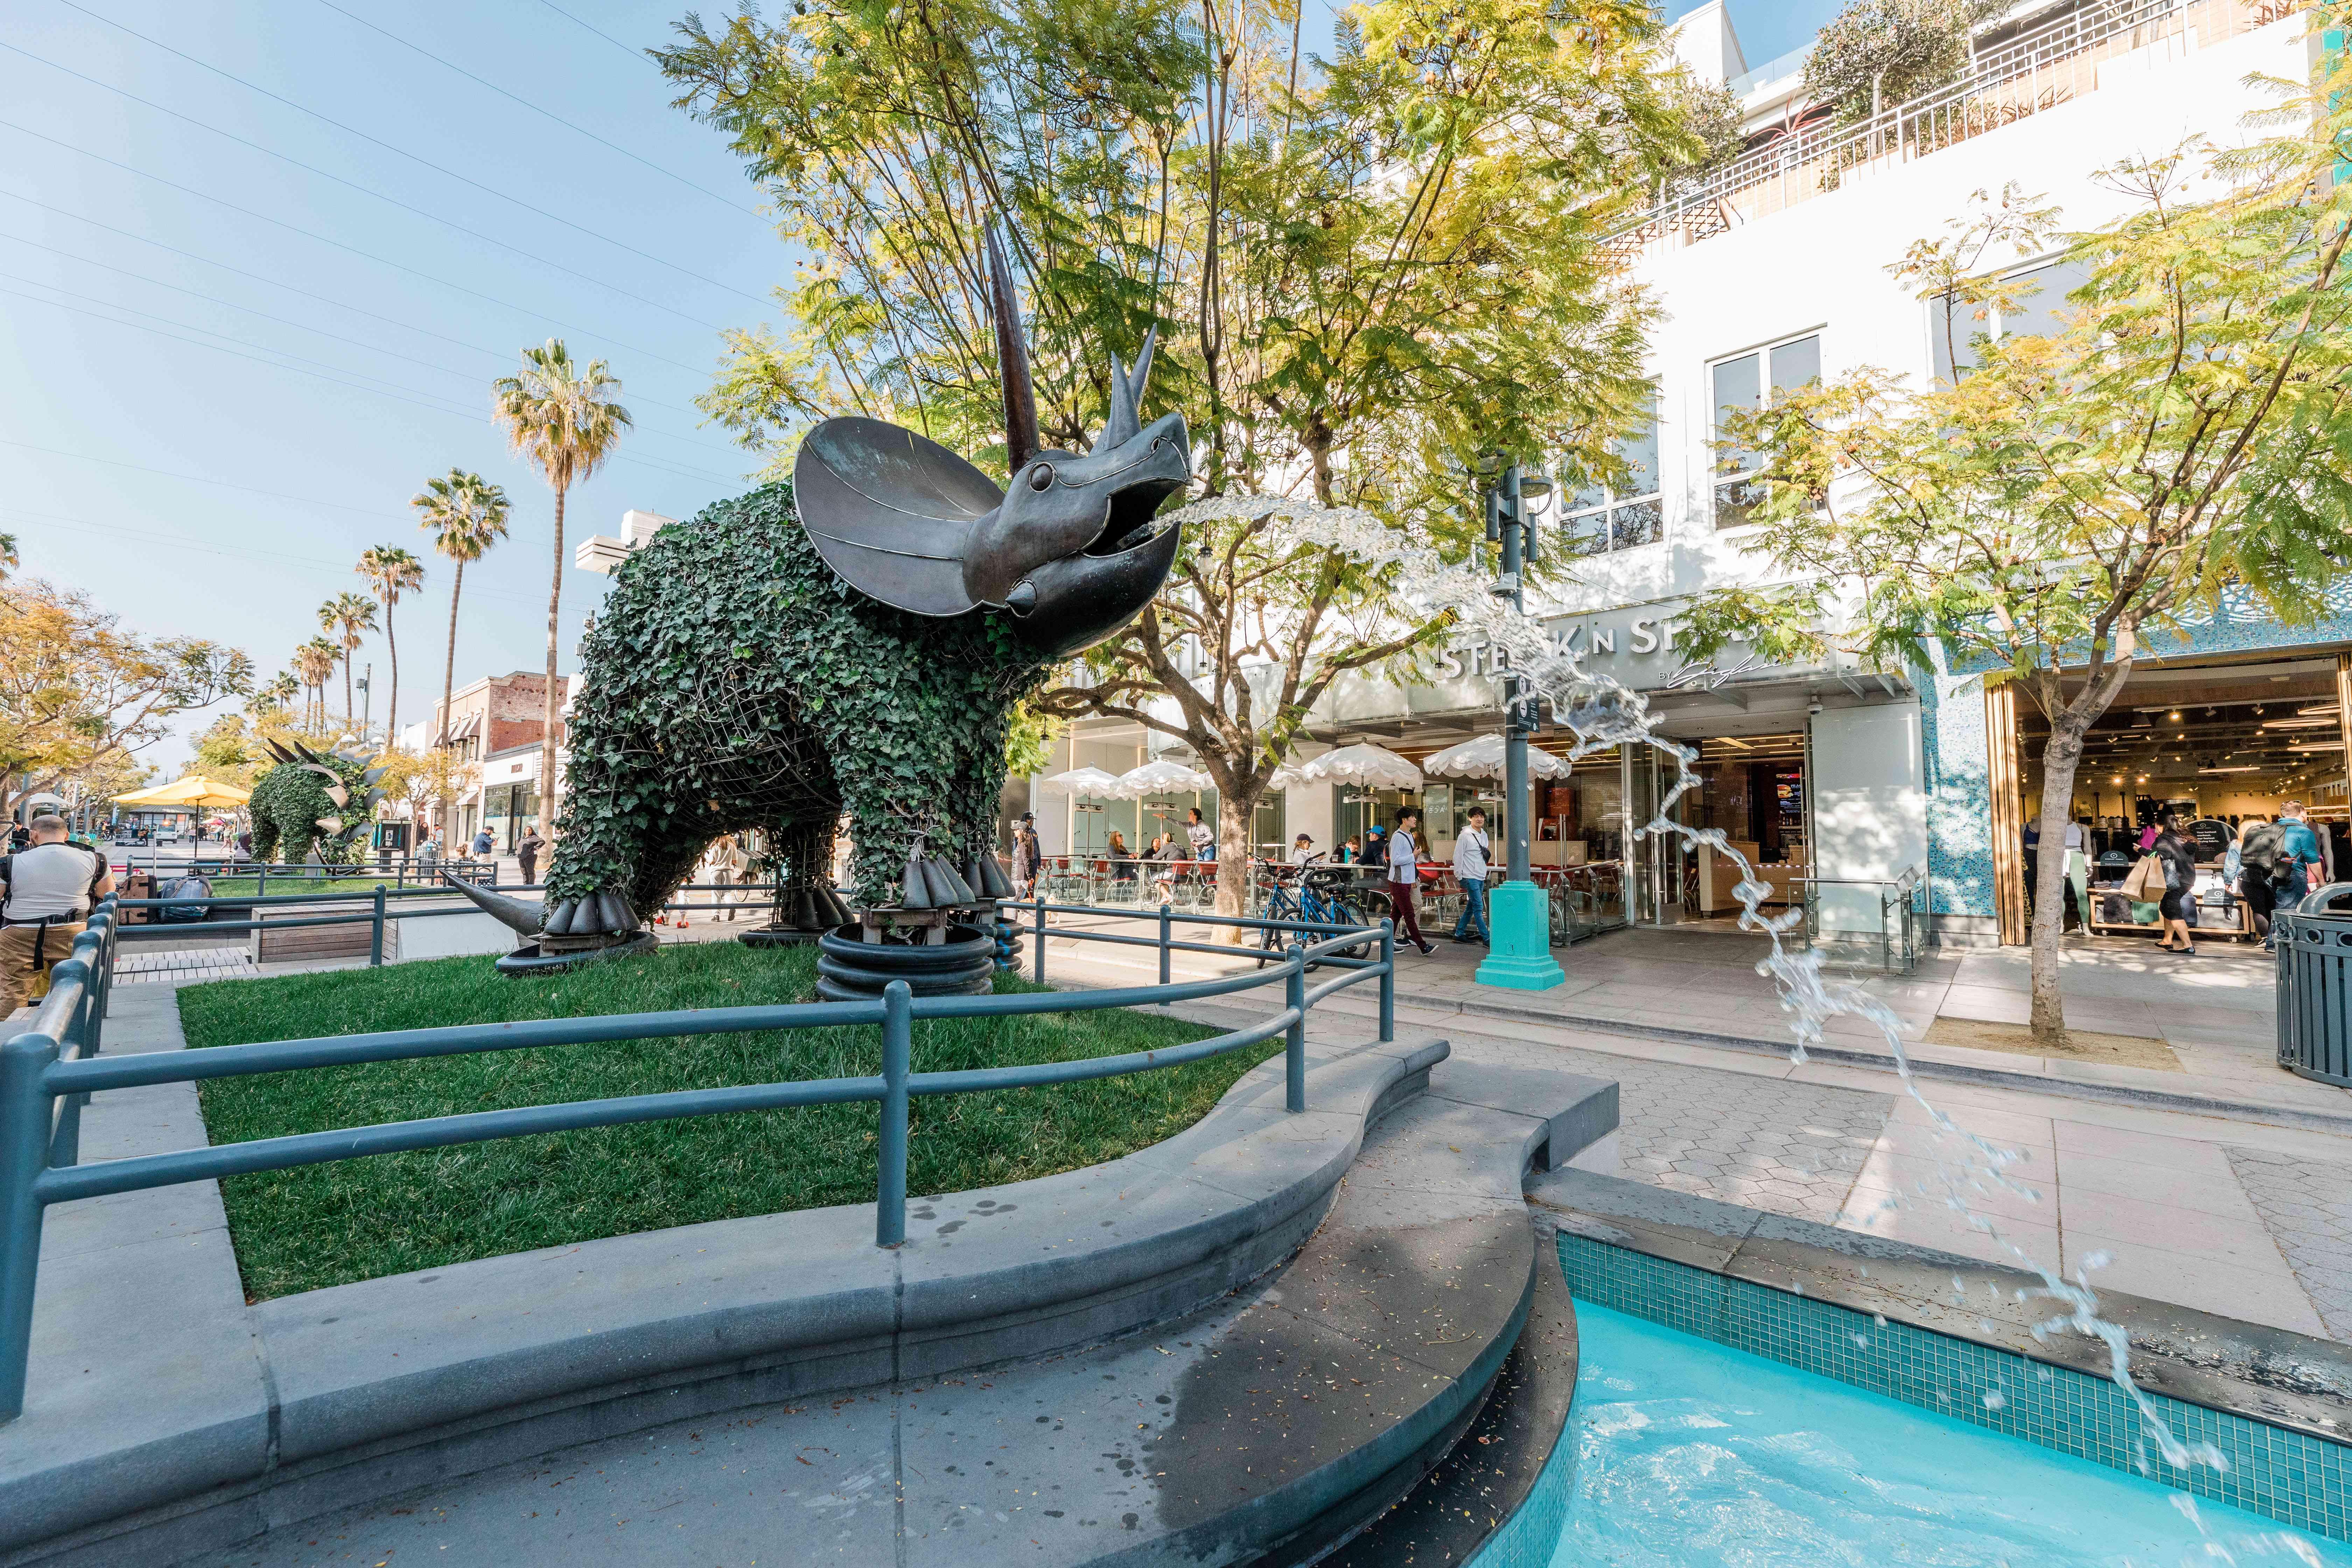 A fountain on the promenade